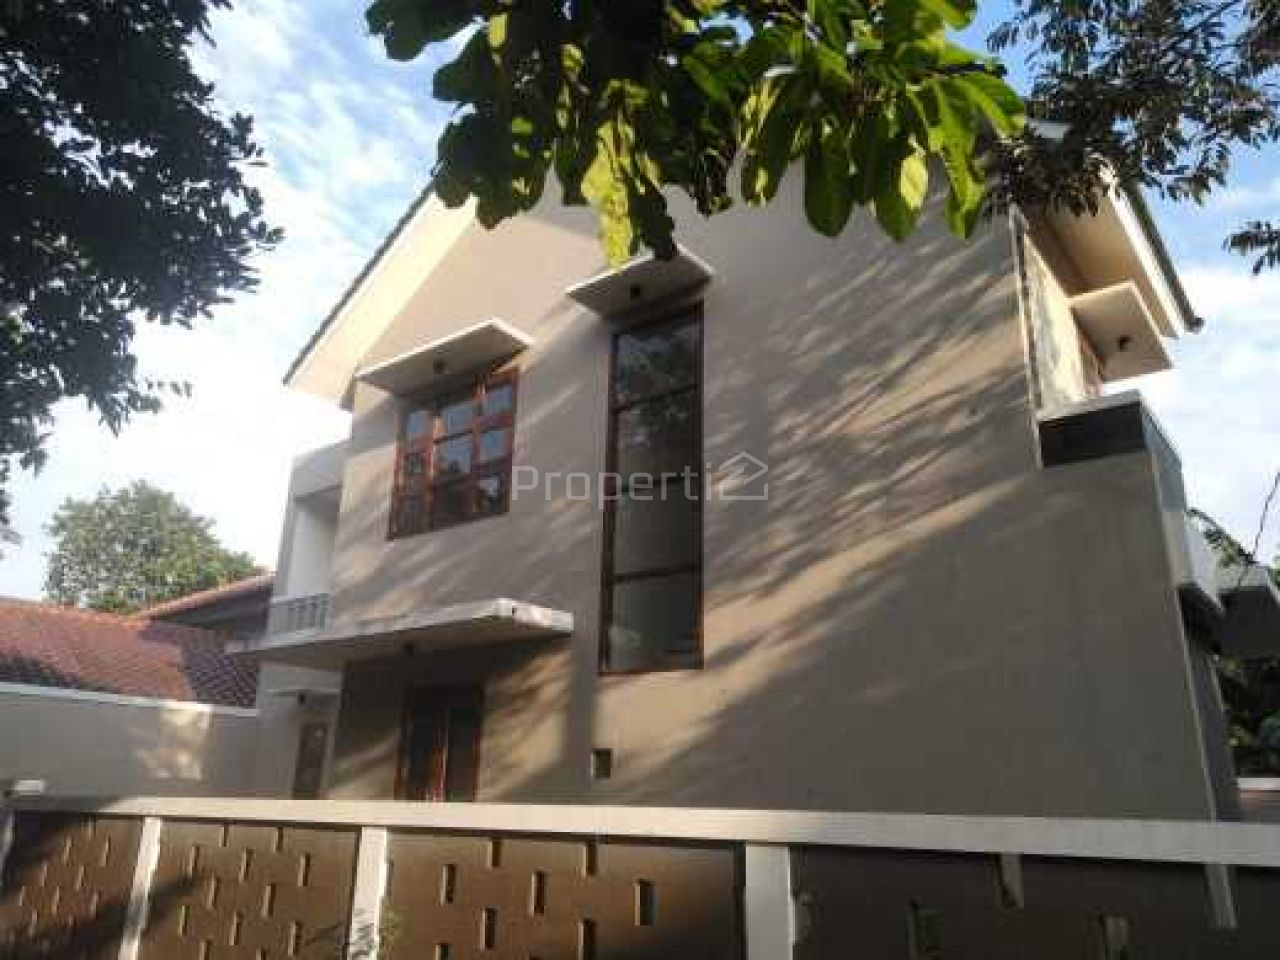 Rumah Baru 2 Lantai Posisi Hook di Bintaro, Banten